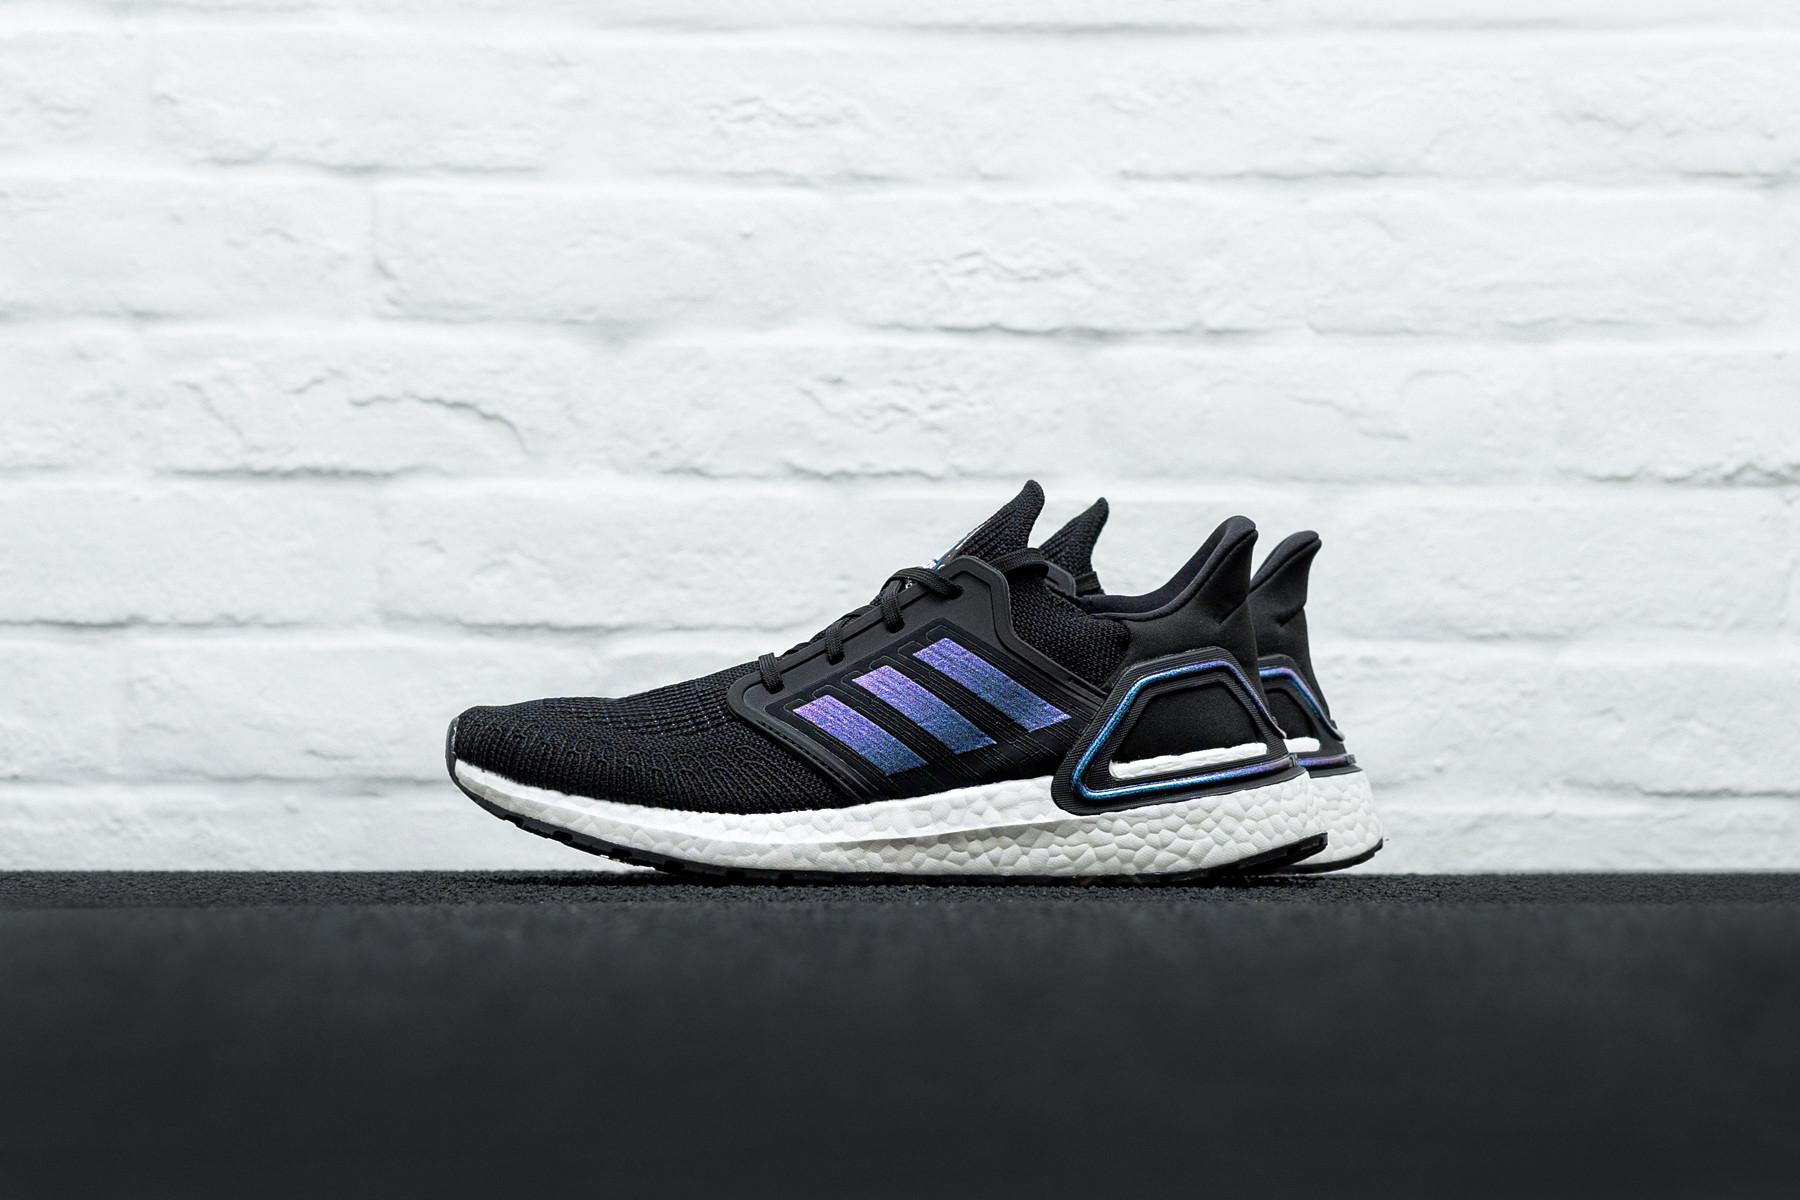 Adidas Ultraboost 20 | Favoritter fra Adidas finner du hos